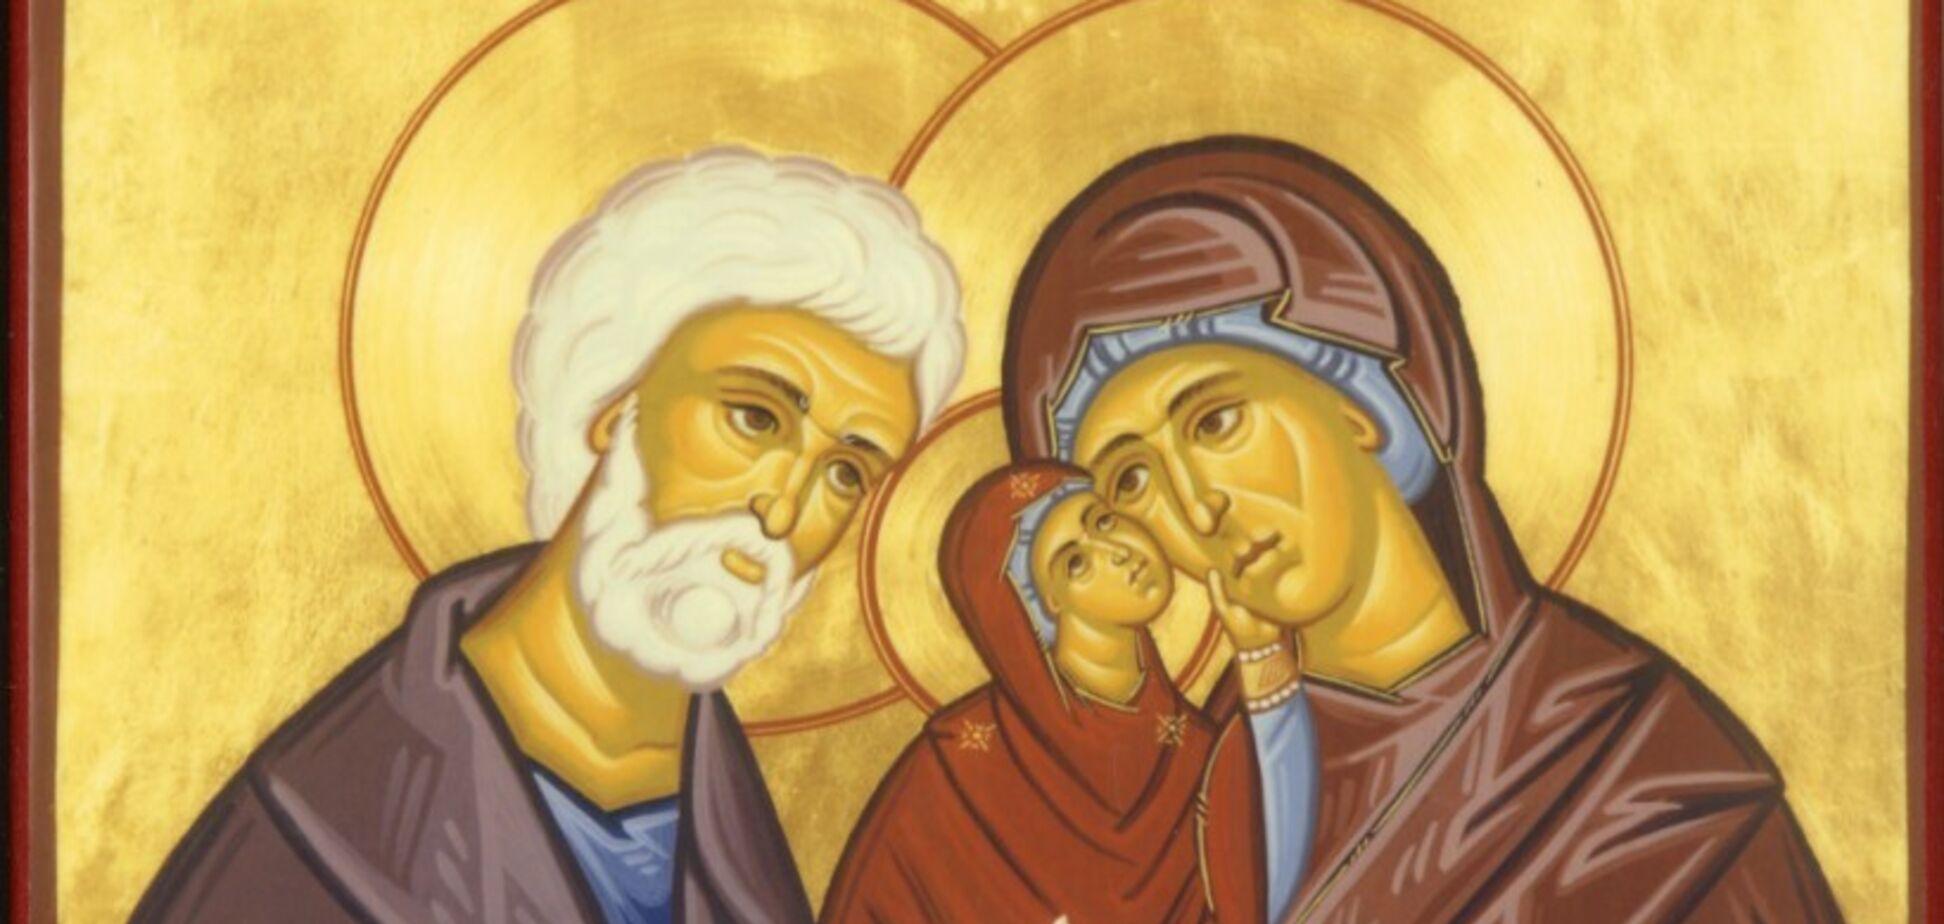 Різдво Пресвятої Богородиці: чиї молитви мають найбільшу силу цього дня